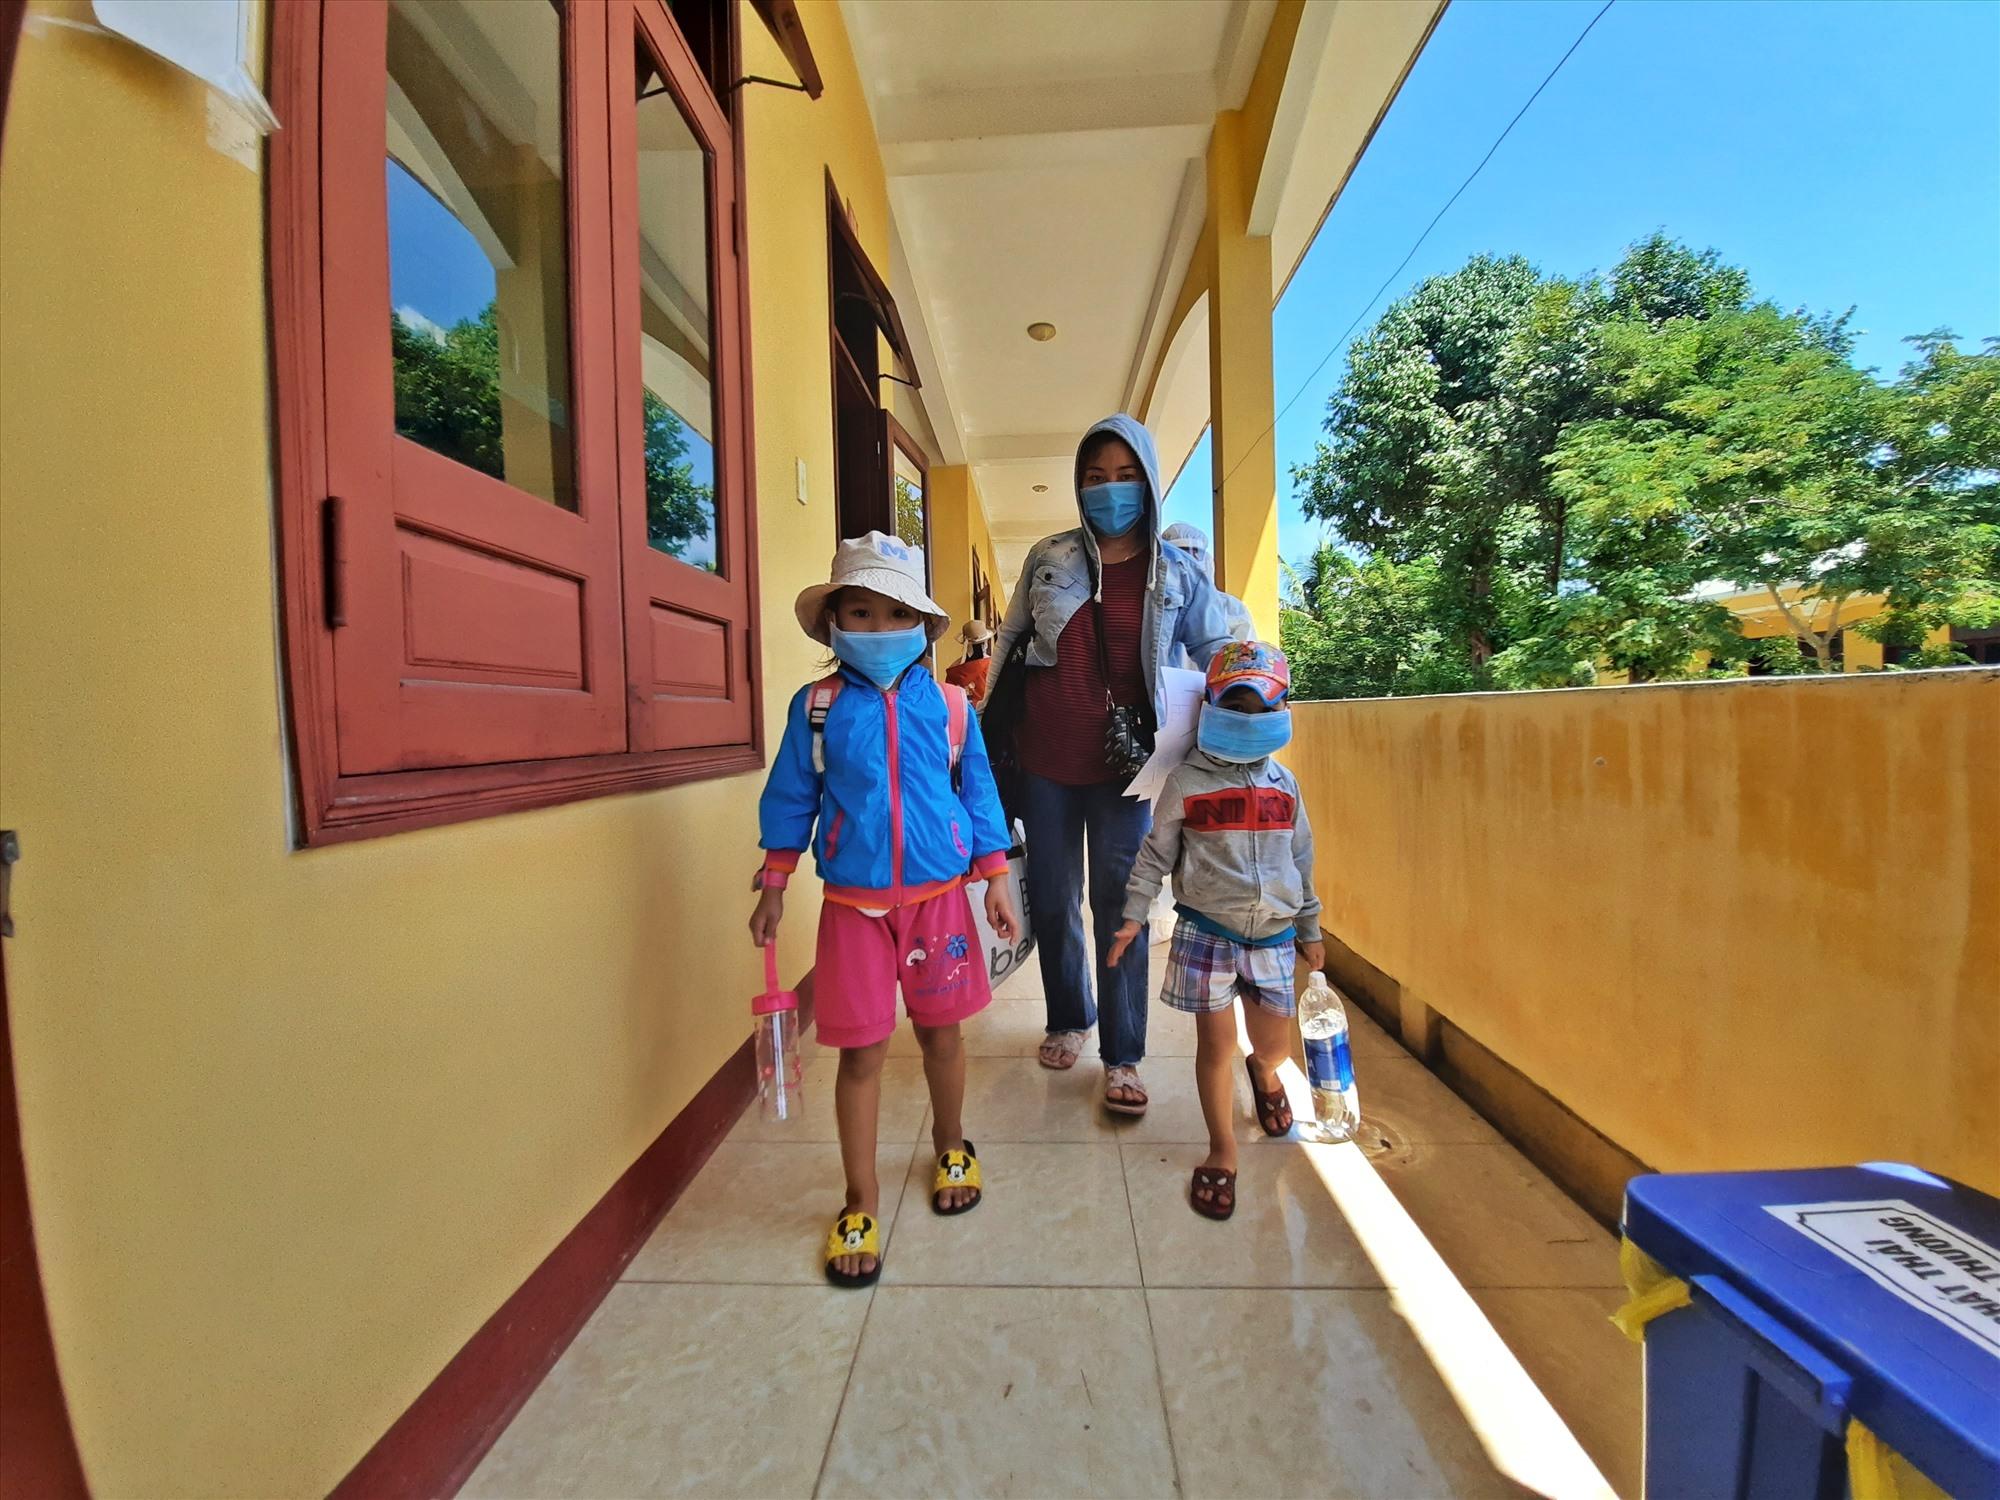 Đợt trở về lần này có 2 trẻ em nên mẹ ruột các cháu phải vào cách ly cùng để tiện chăm sóc các cháu. Ảnh: Đ. ĐẠO